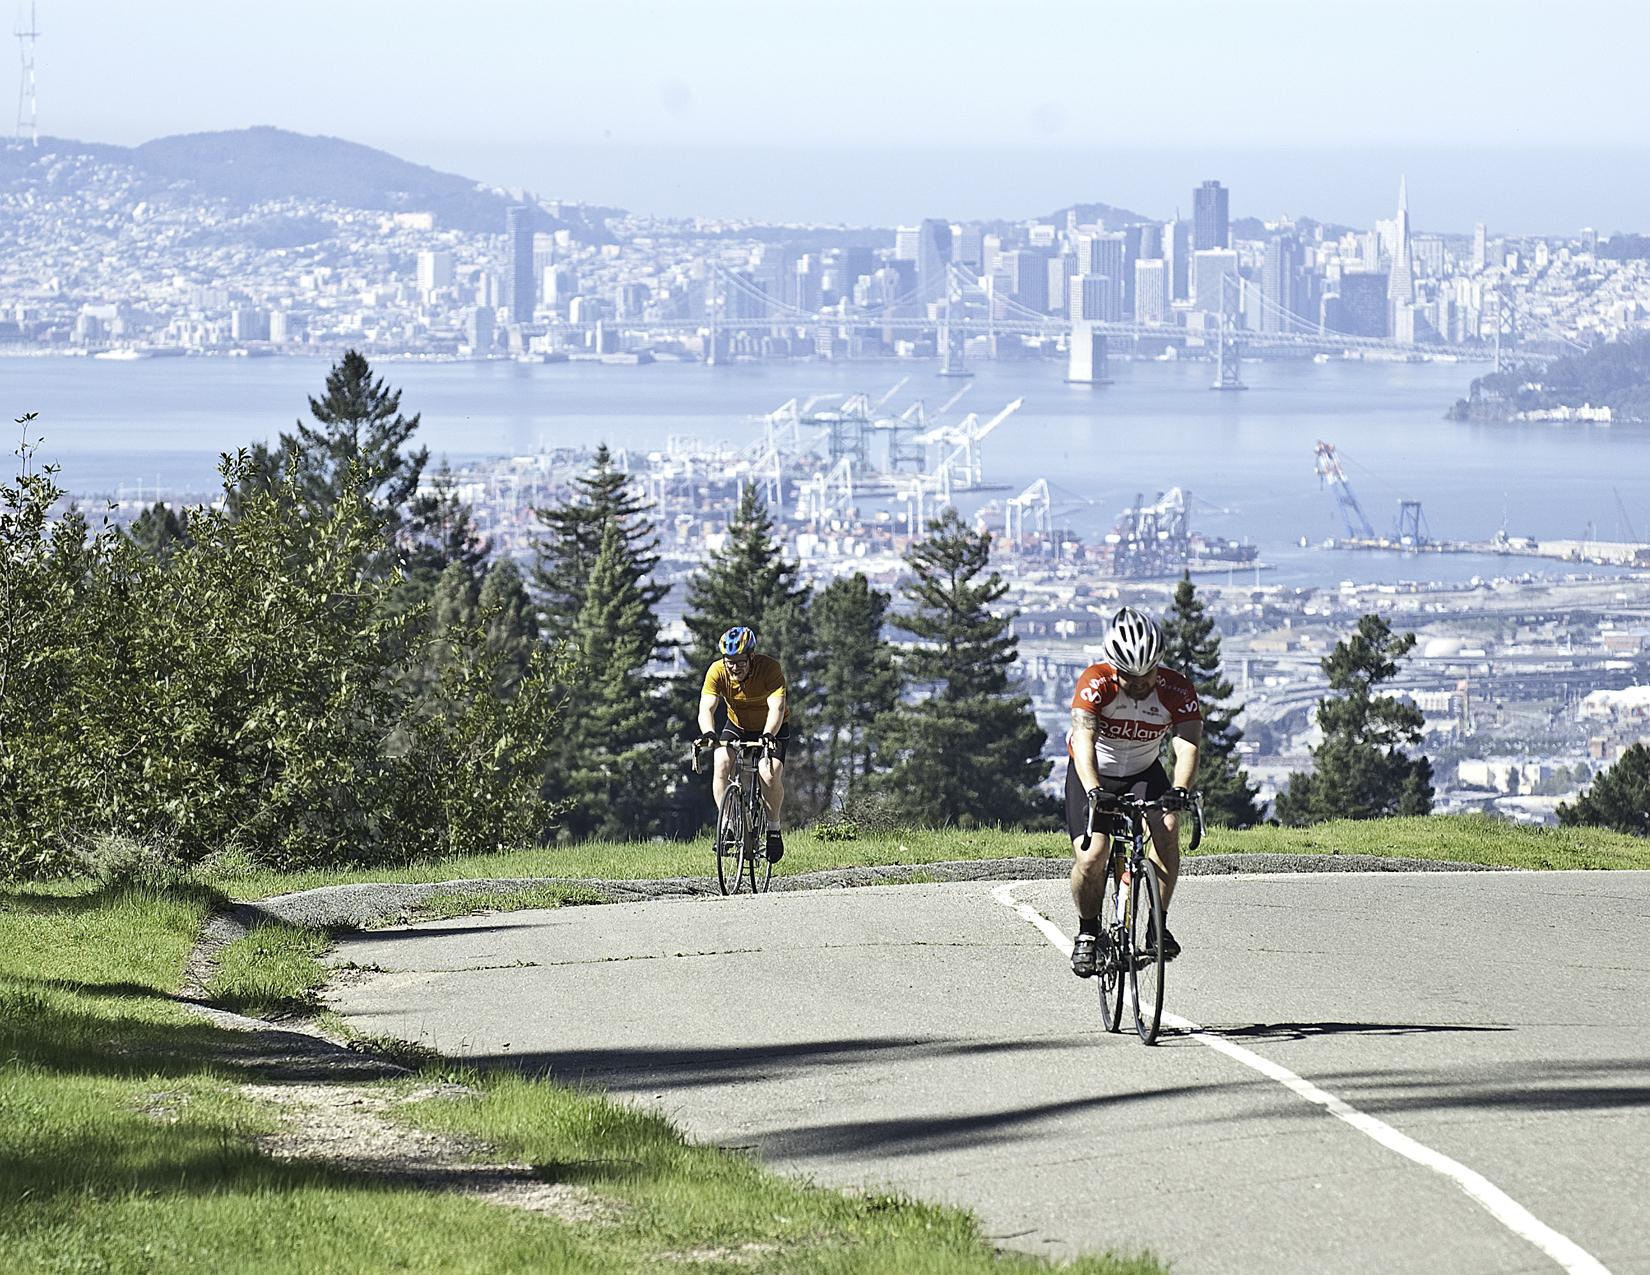 Bicycling on Skyline Blvd